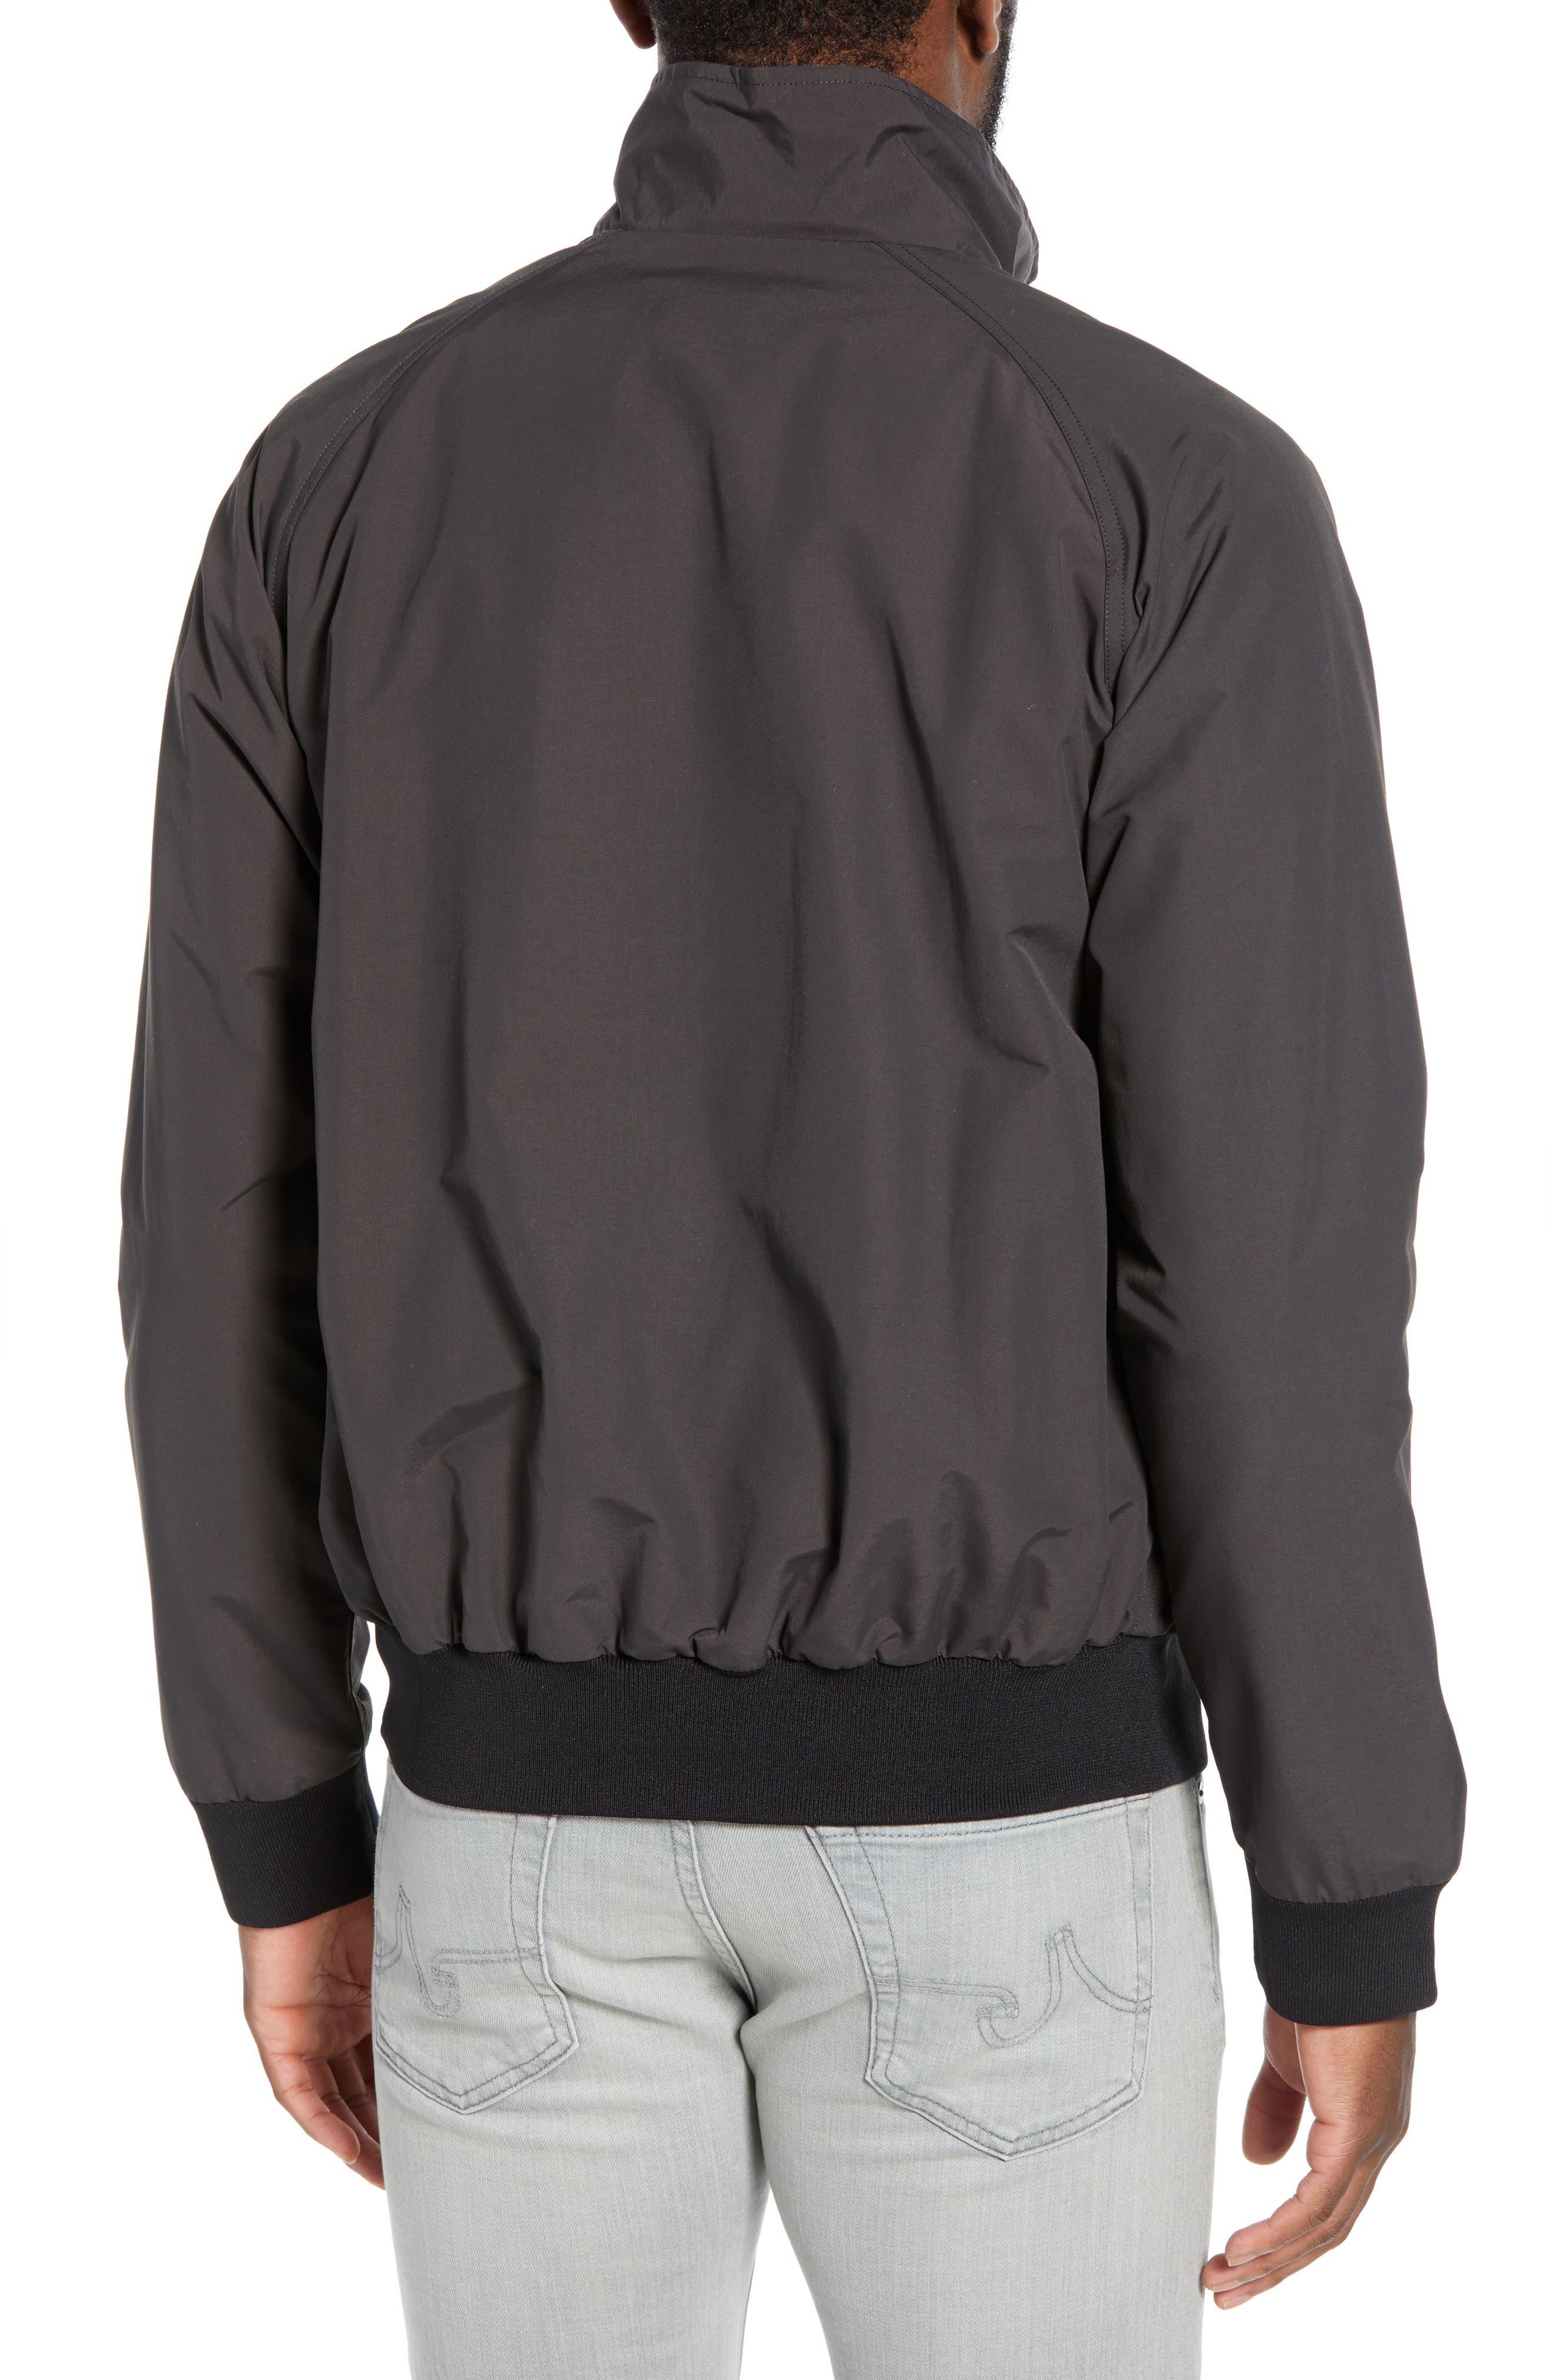 PATAGONIA, Baggies Wind & Water Resistant Jacket, Alternate thumbnail 2, color, INK BLACK